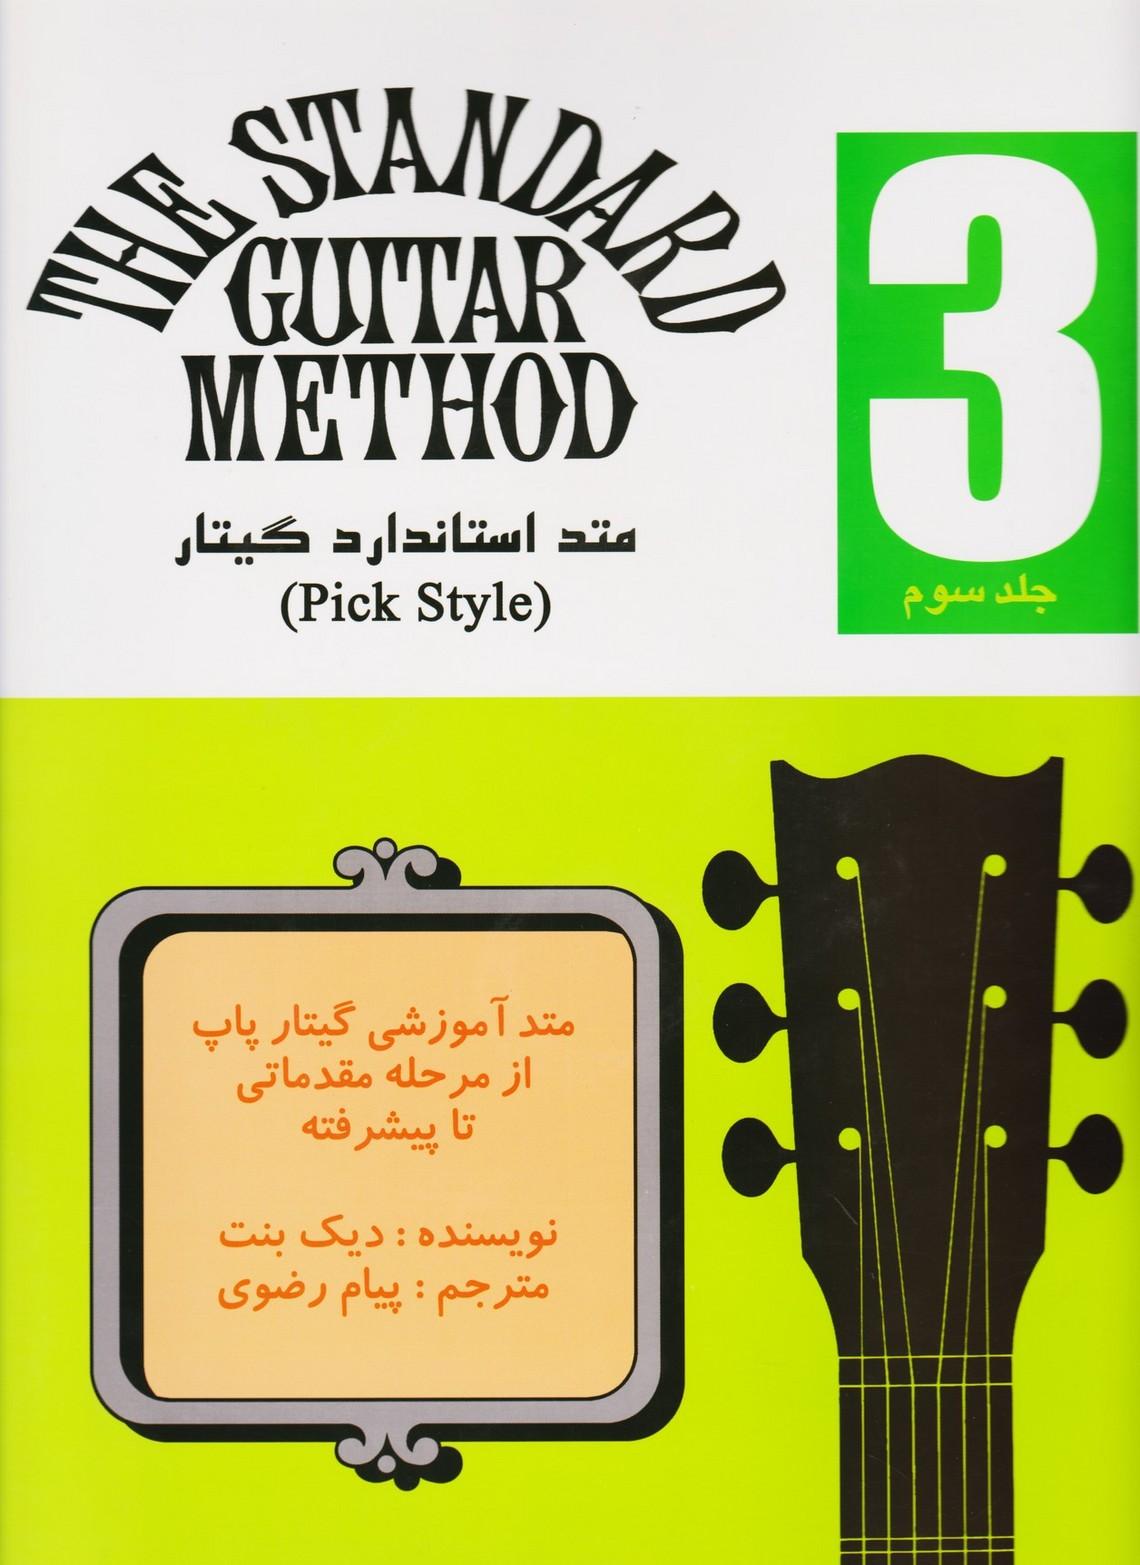 متد استاندارد گیتار جلد سوم: متد آموزشی گیتار پاپ از مرحله مقدماتی تا پیشرفته